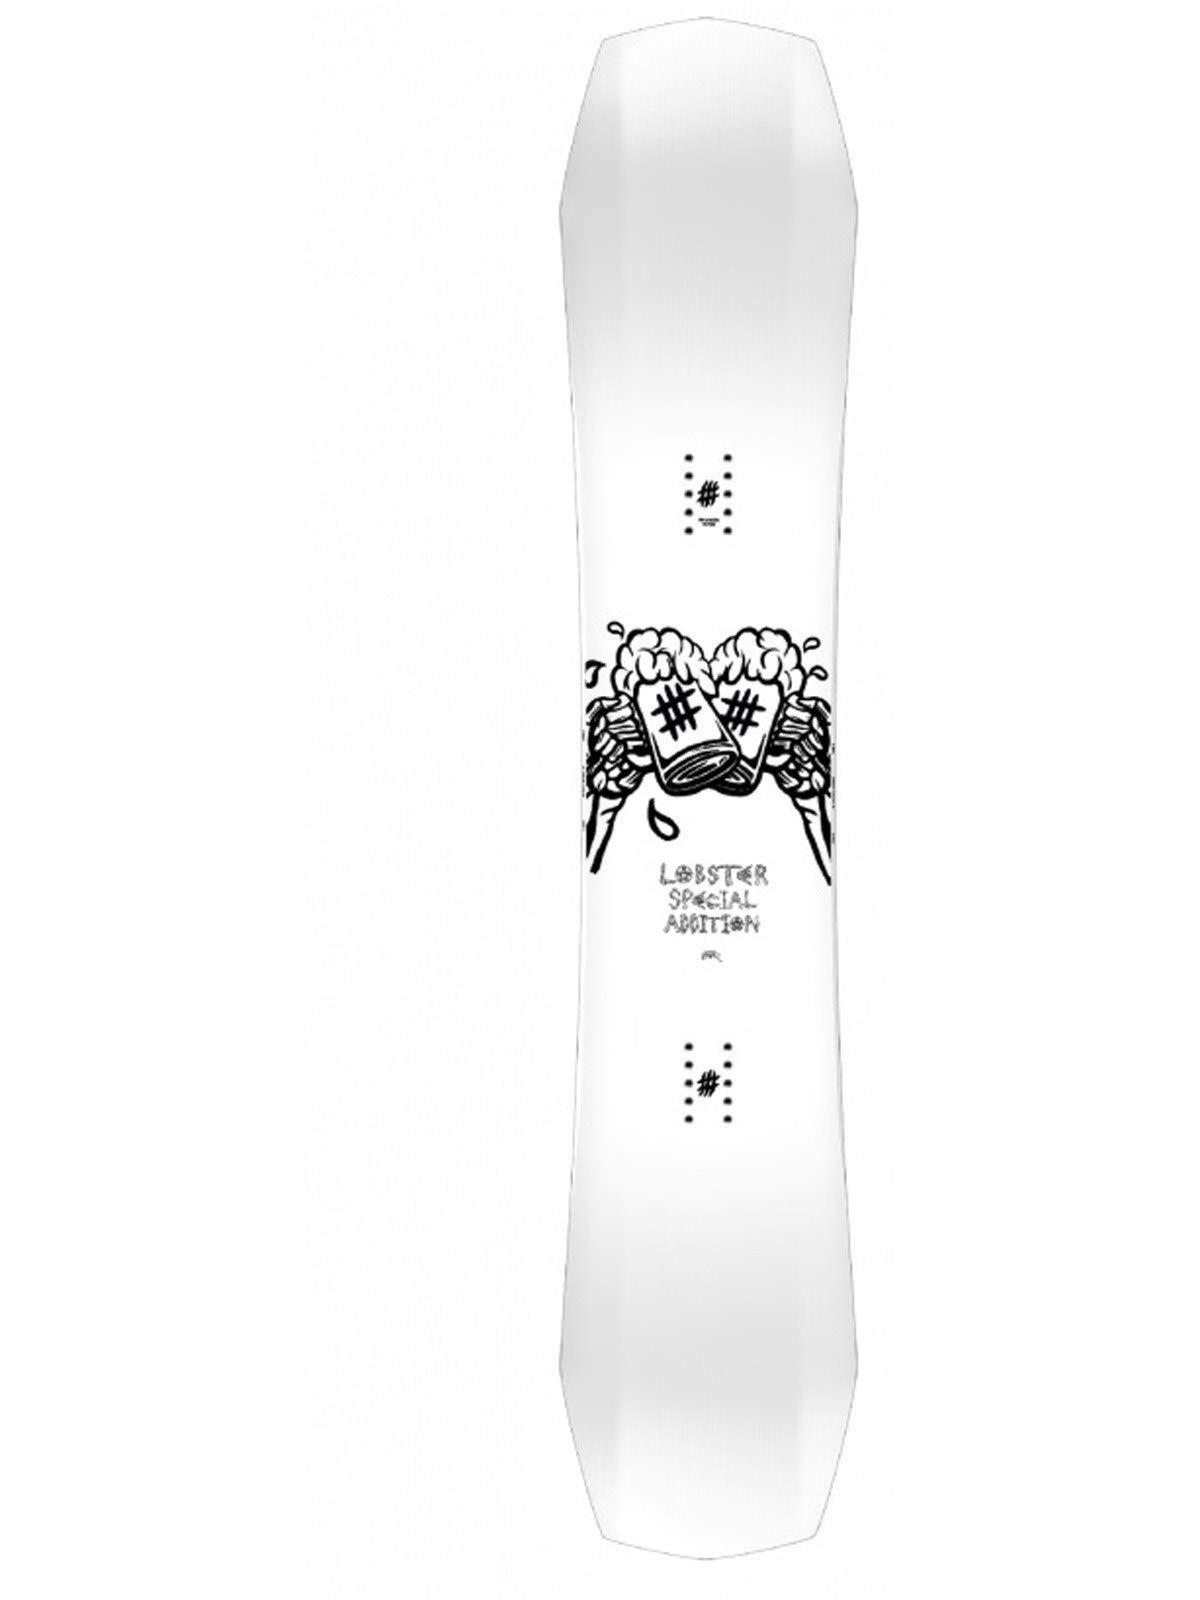 Lobster White Black 2018 Artist Edition Schoph 154cm Snowboard